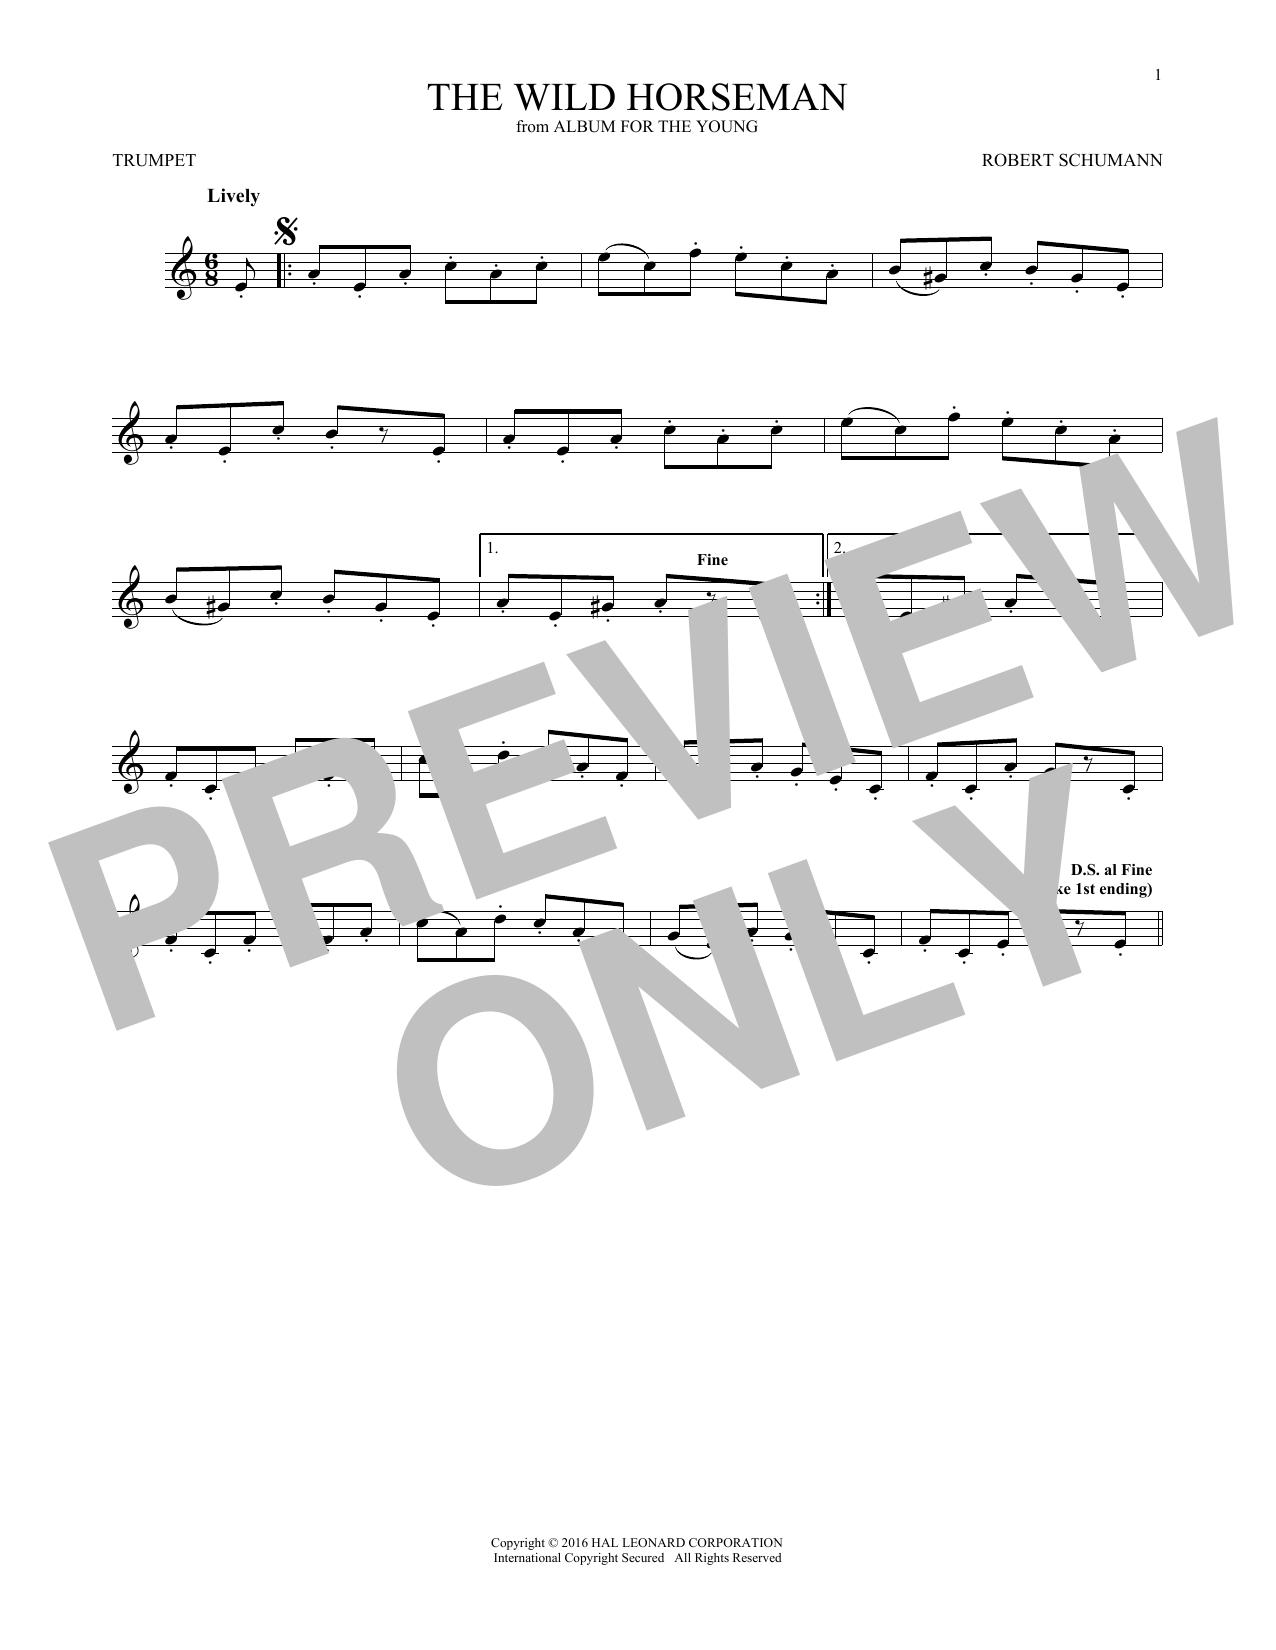 The Wild Horseman (Wilder Reiter), Op. 68, No. 8 (Trumpet Solo)